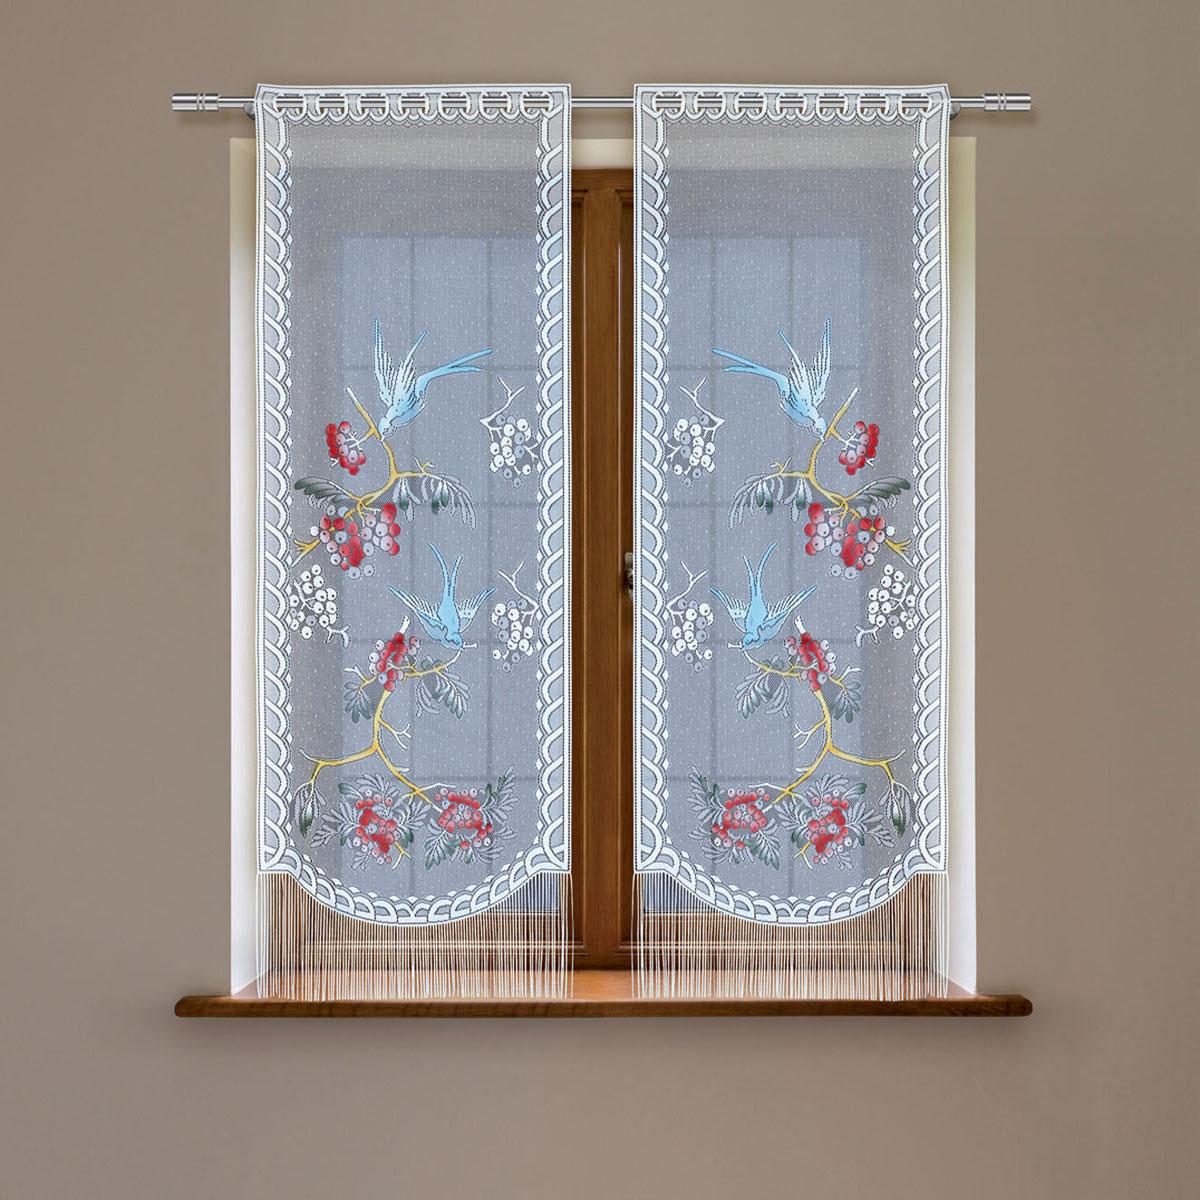 Комплект гардин Haft, на петлях, цвет: белый, высота 160 см, 2 шт. 5383С5383С/60Воздушные гардины Haft великолепно украсят любое окно. Комплект состоит из двух гардин, выполненных из полиэстера. Изделие имеет оригинальный дизайн и органично впишется в интерьер помещения. Комплект крепится на карниз при помощи петель.